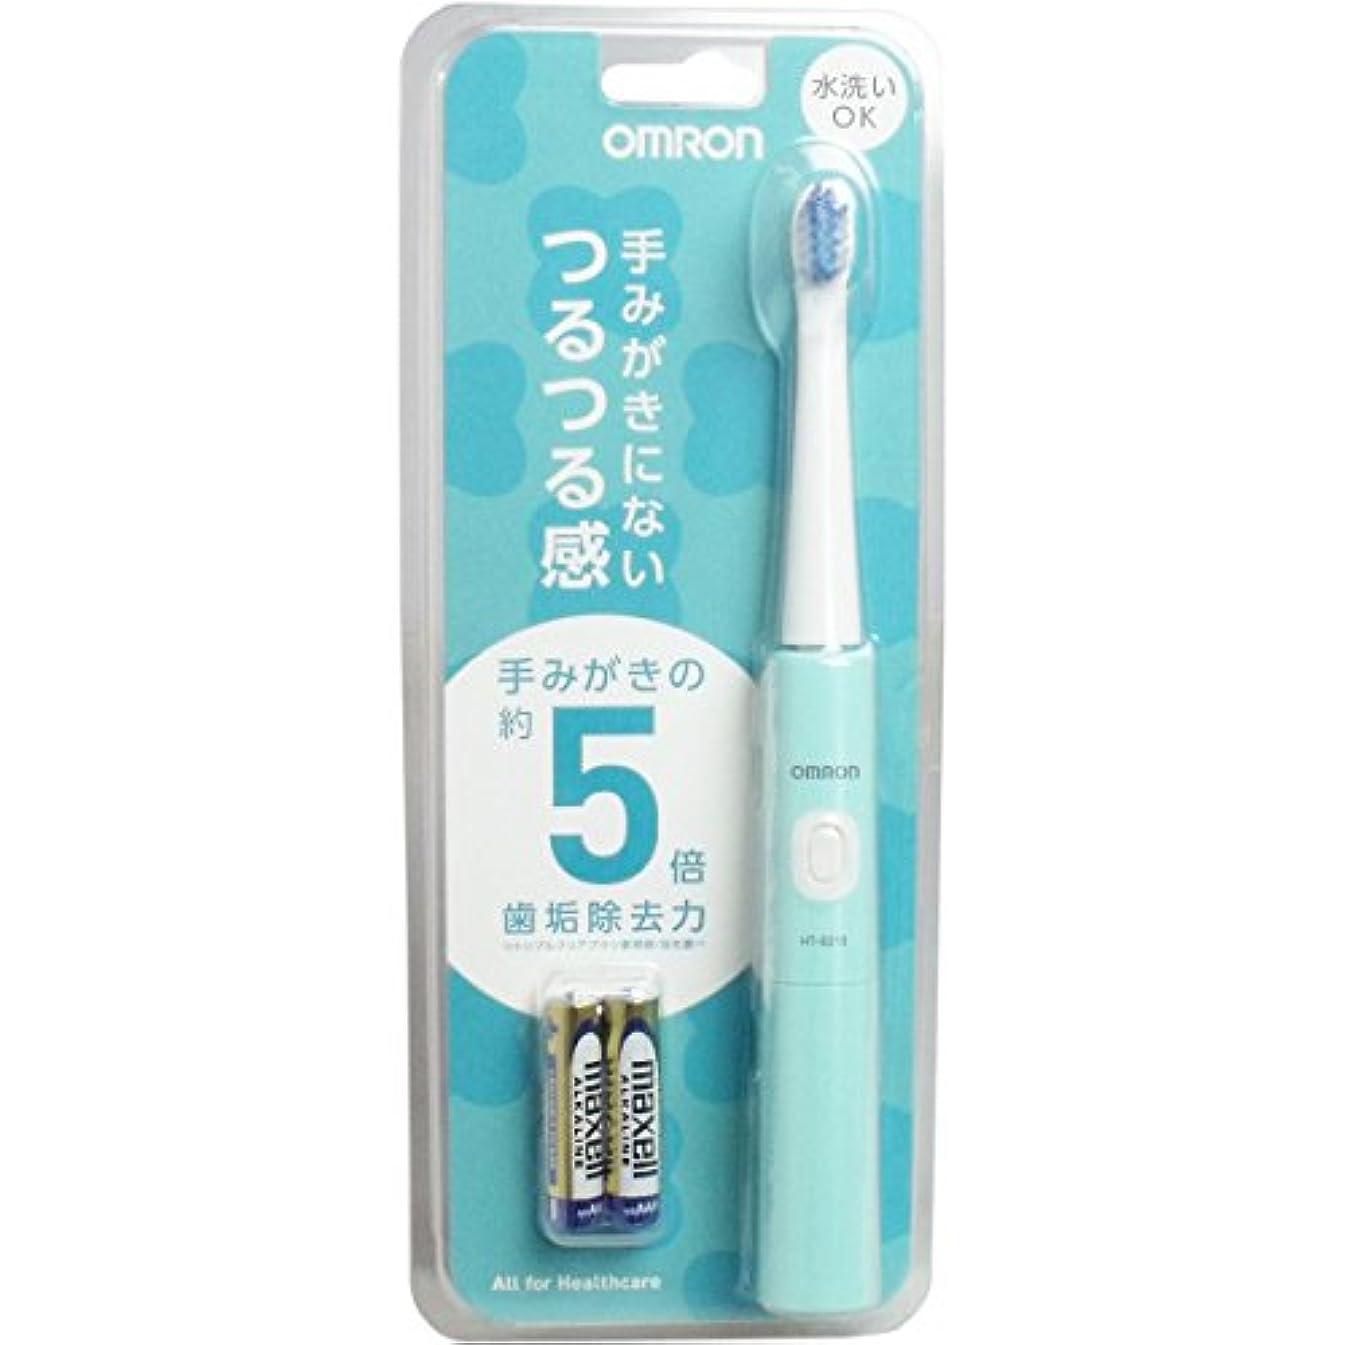 ムス汚い対オムロンヘルスケア 音波式電動歯ブラシ ミントグリーン HT-B210-G